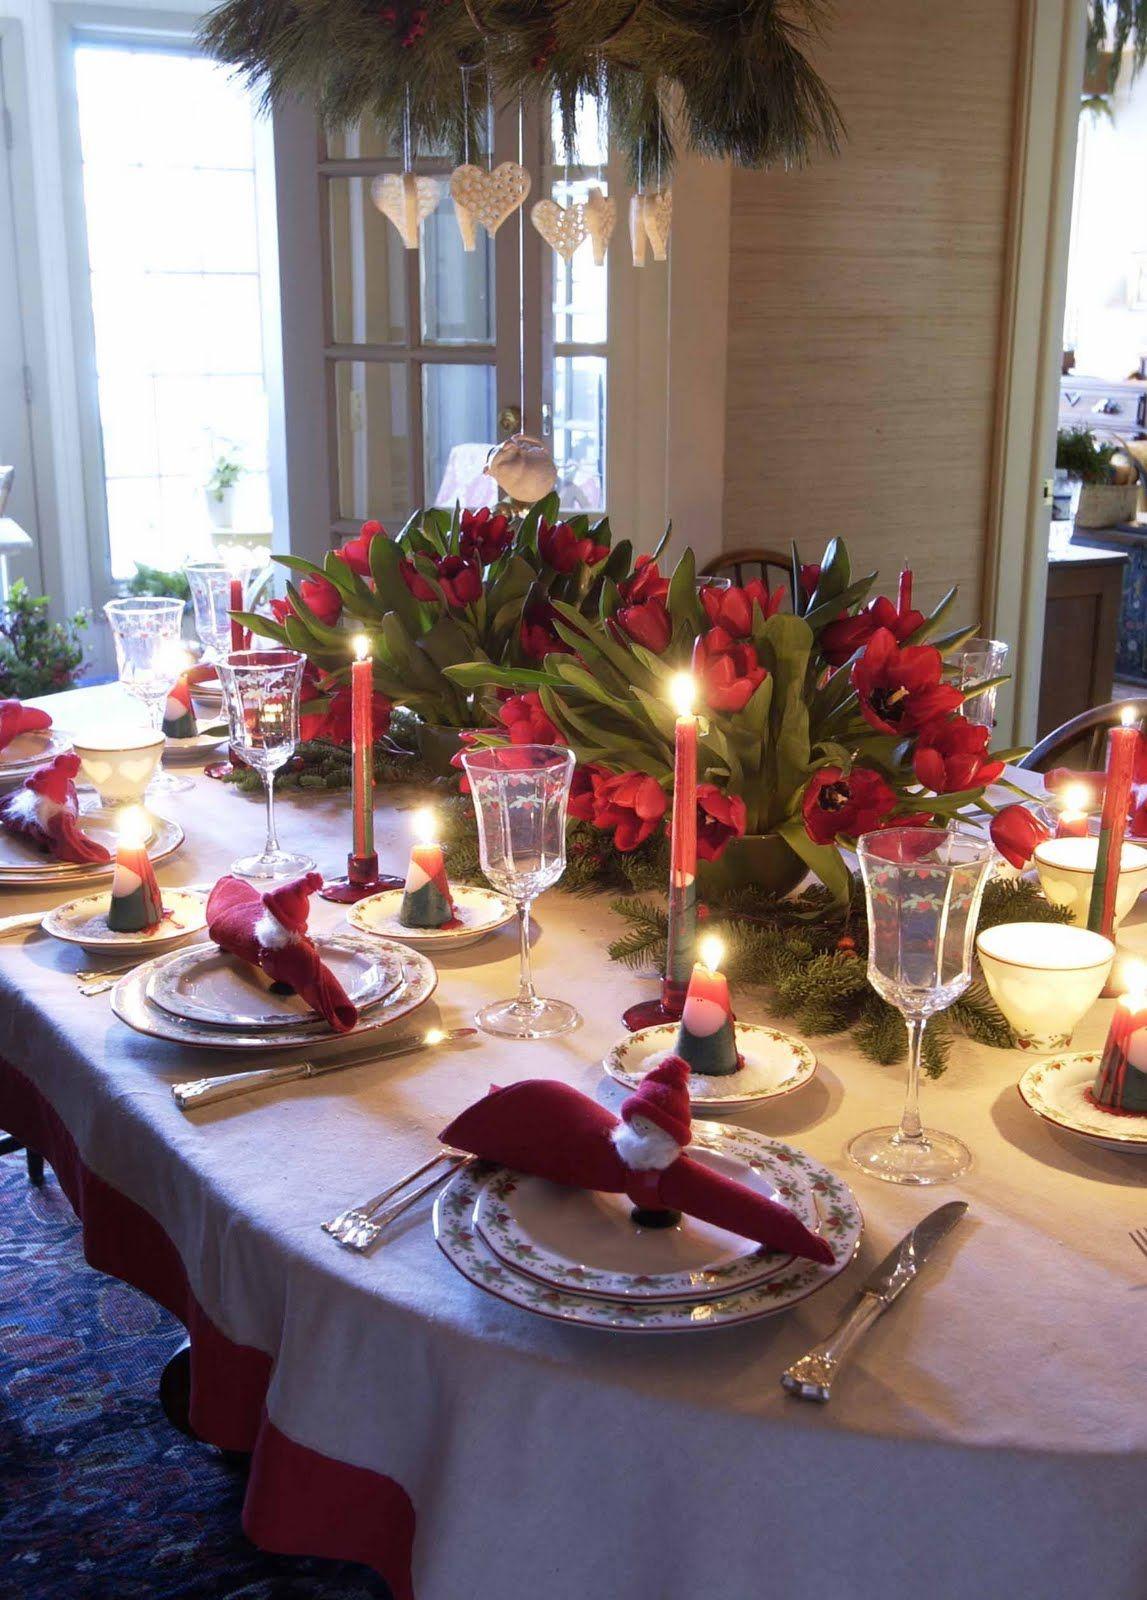 Amusing Christmas Dining Table Photos & Amusing Christmas Dining Table Photos | dining table ideas ...